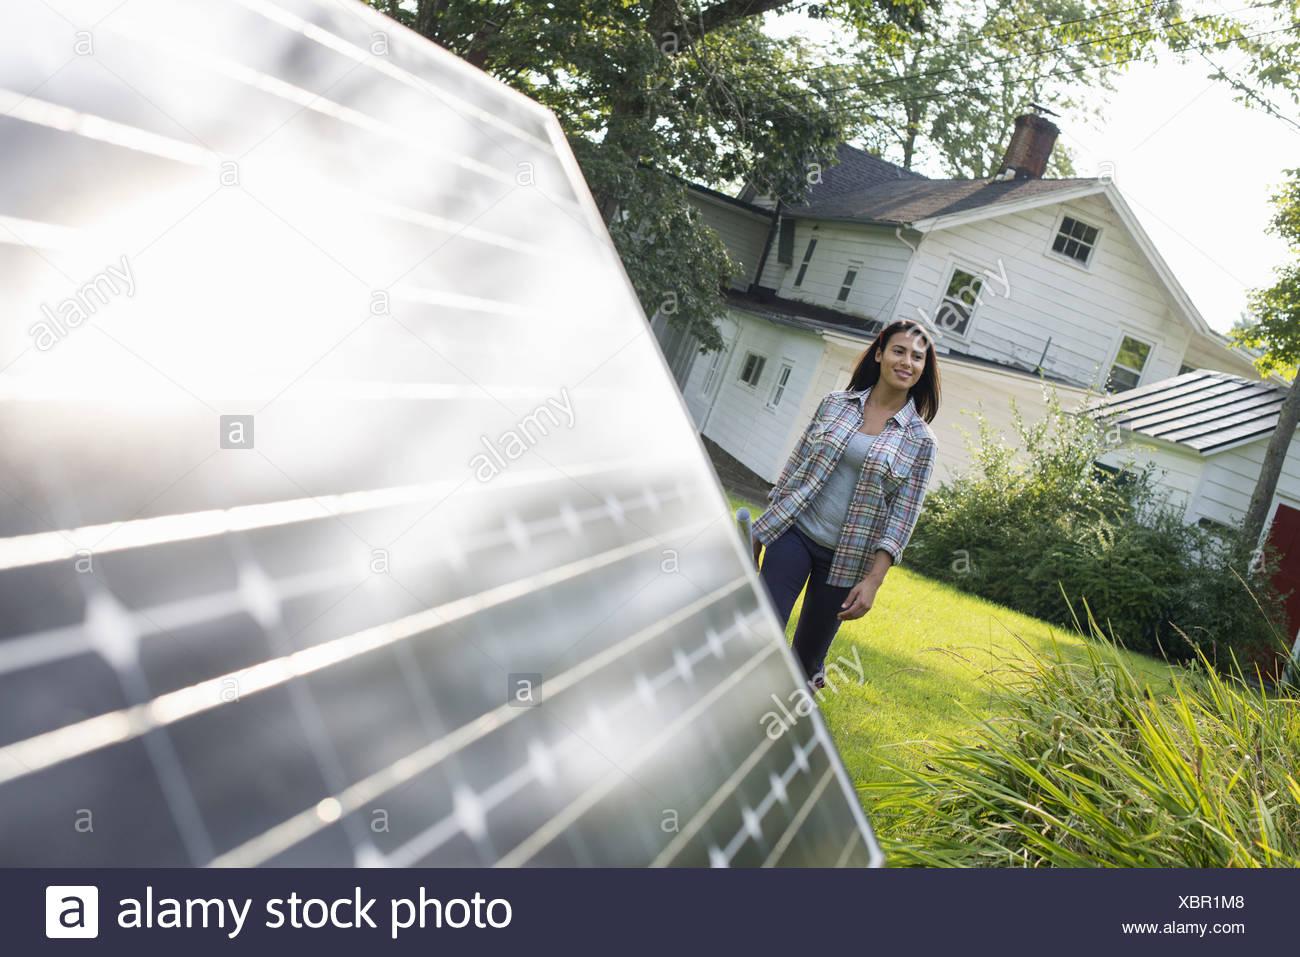 Eine Frau zu Fuß in Richtung ein Solar-Panel in einem Bauerngarten. Stockbild